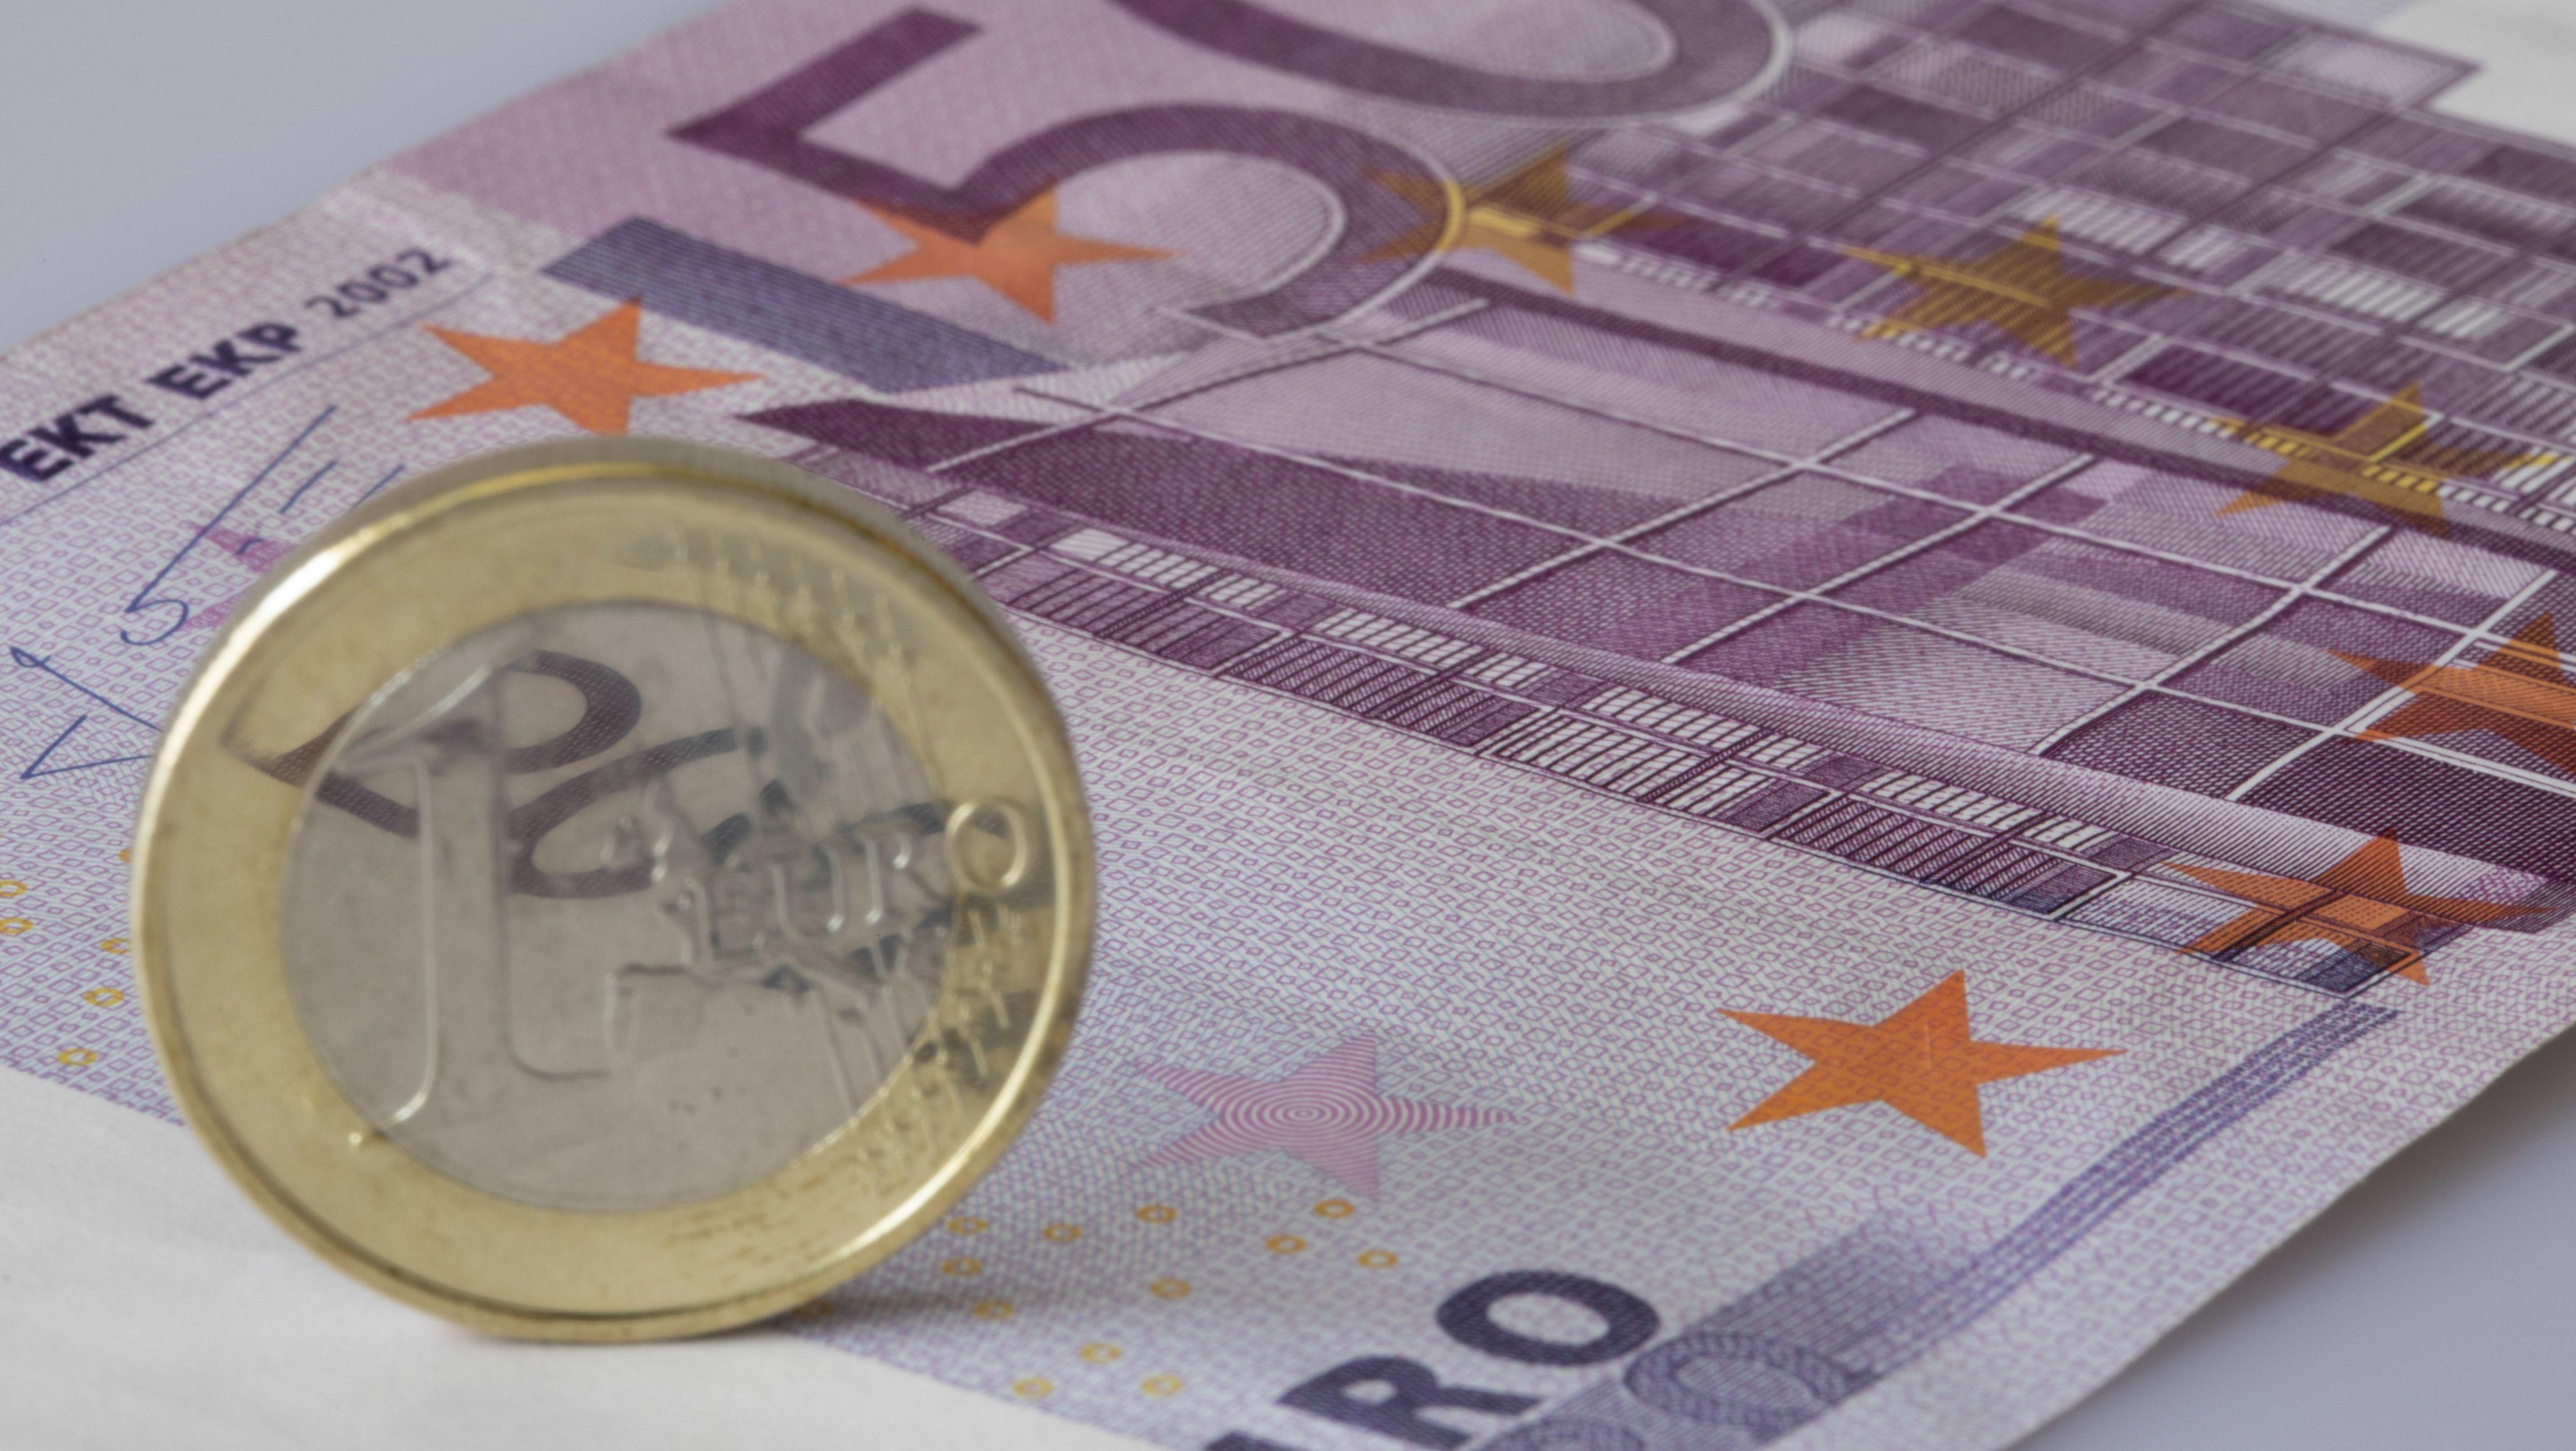 Euroschein mit Münze